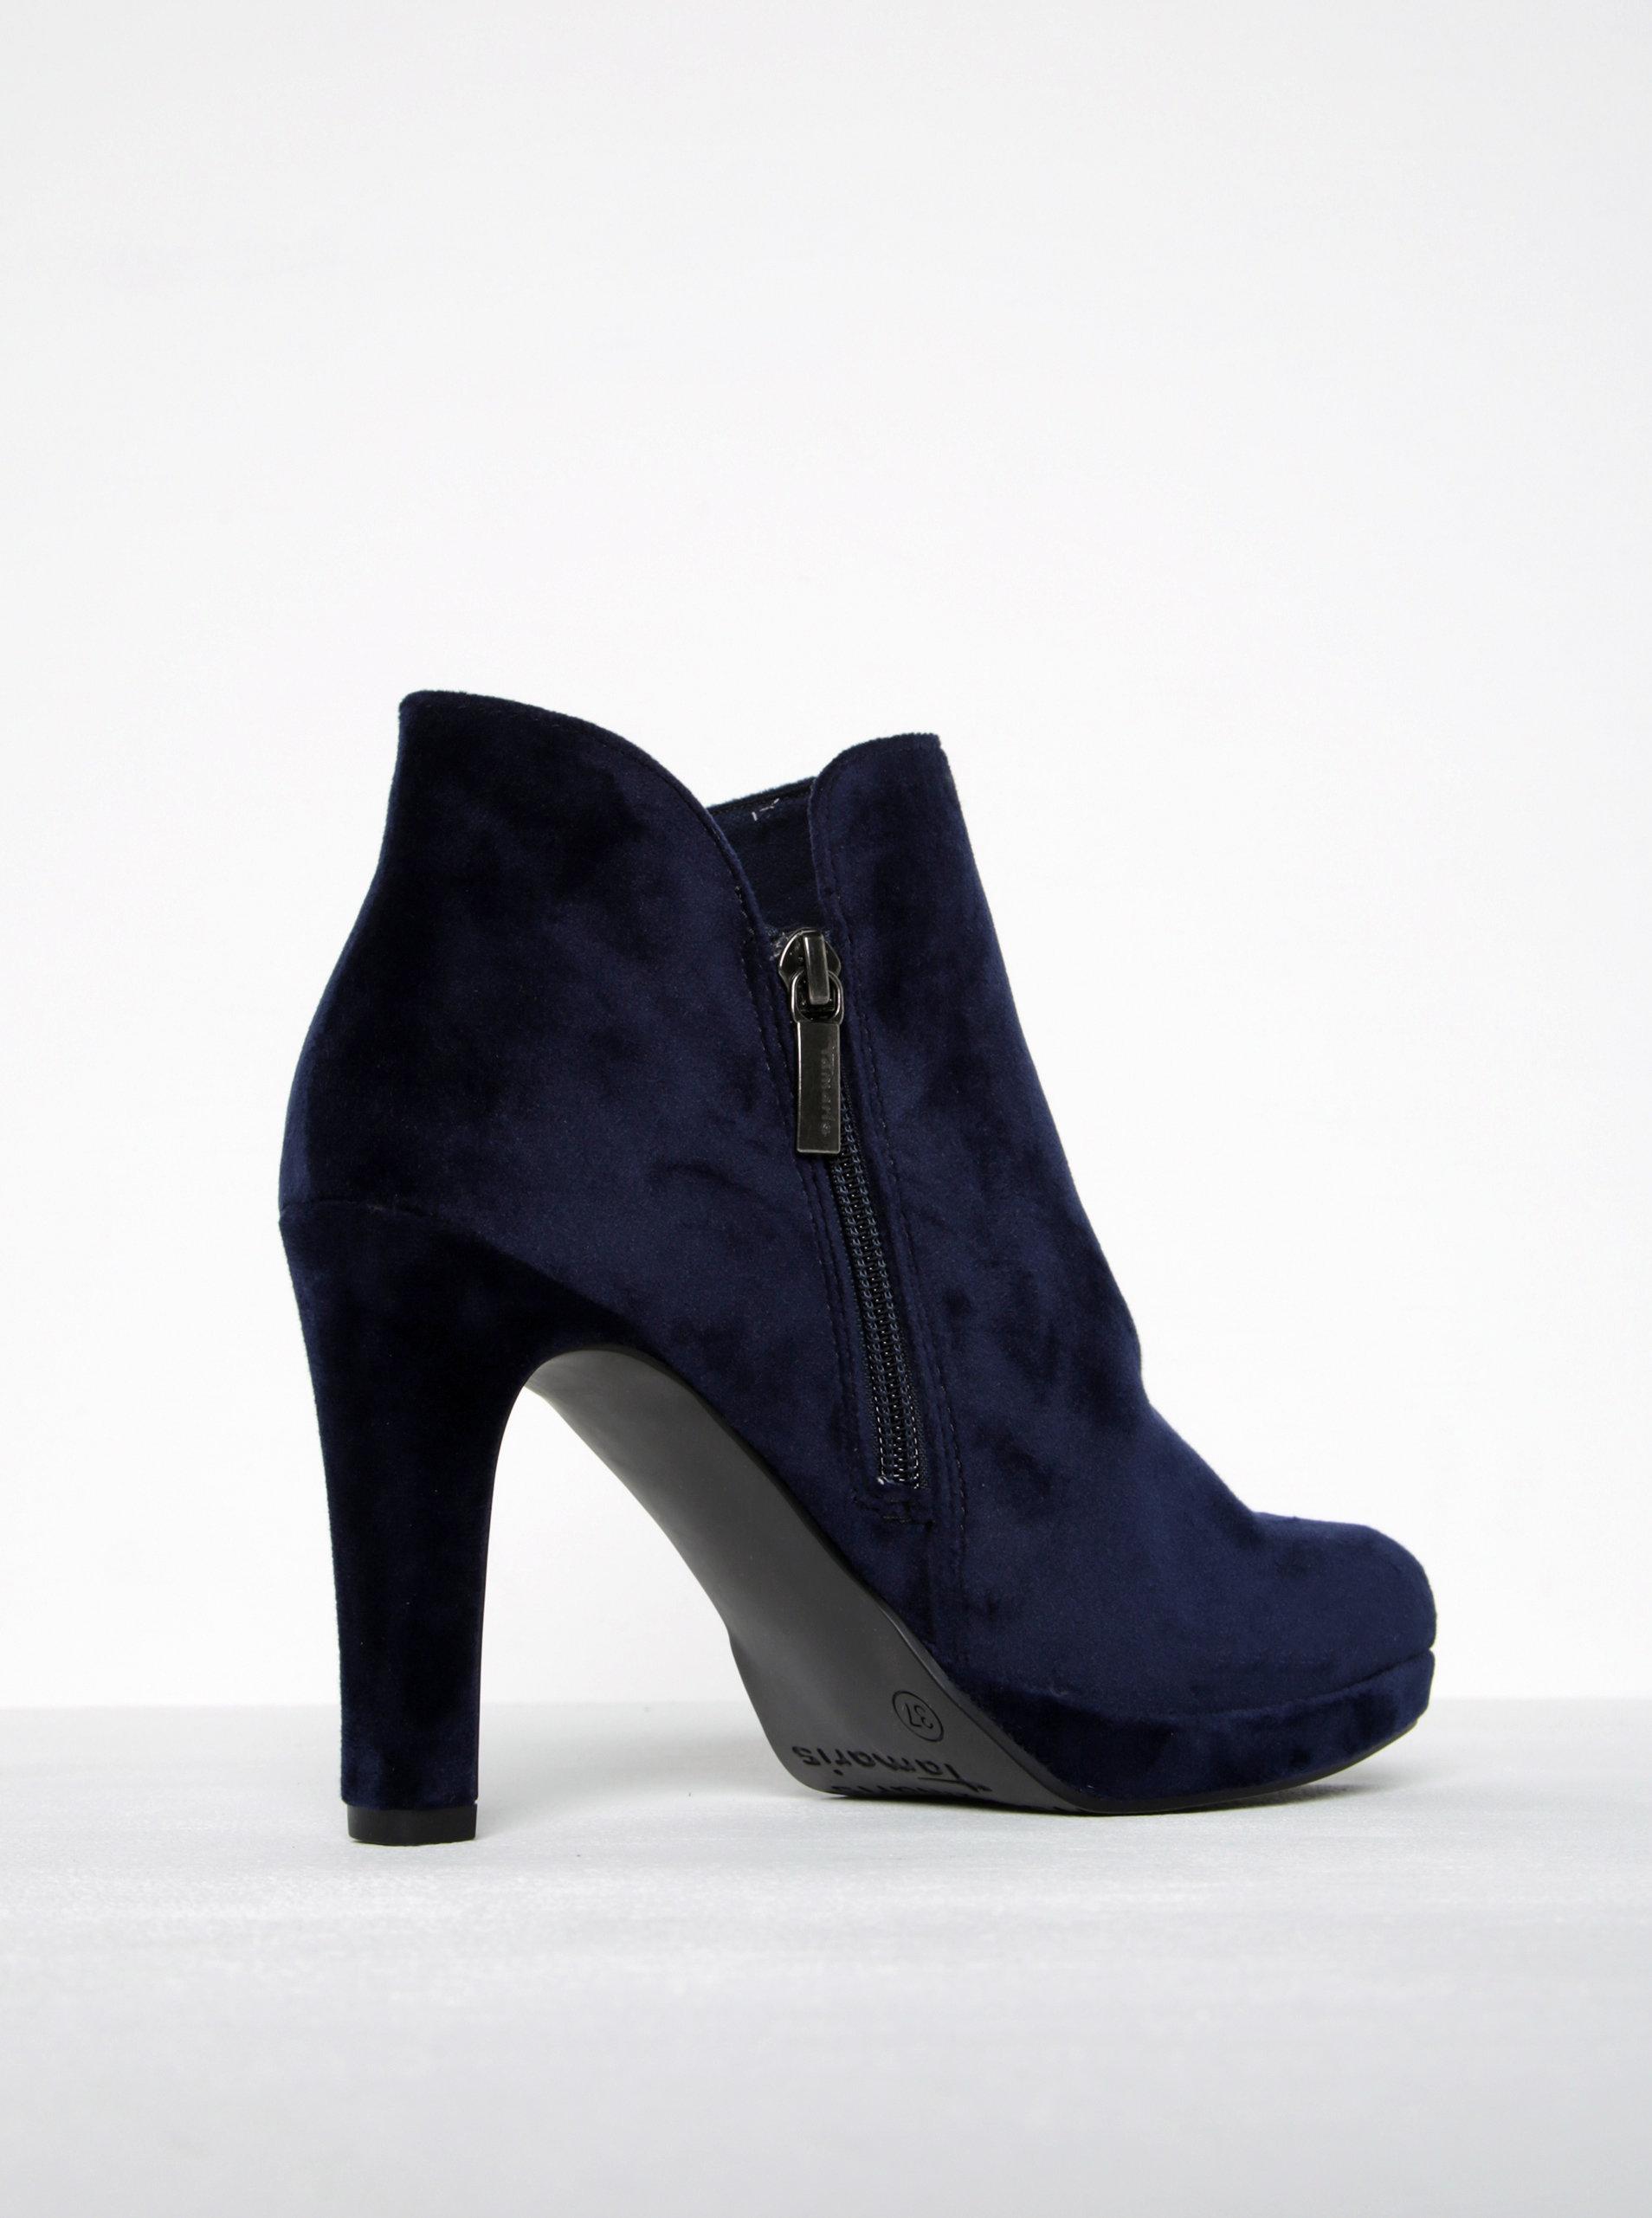 9a58717d4d3 Tmavě modré sametové kotníkové boty na podpatku Tamaris ...